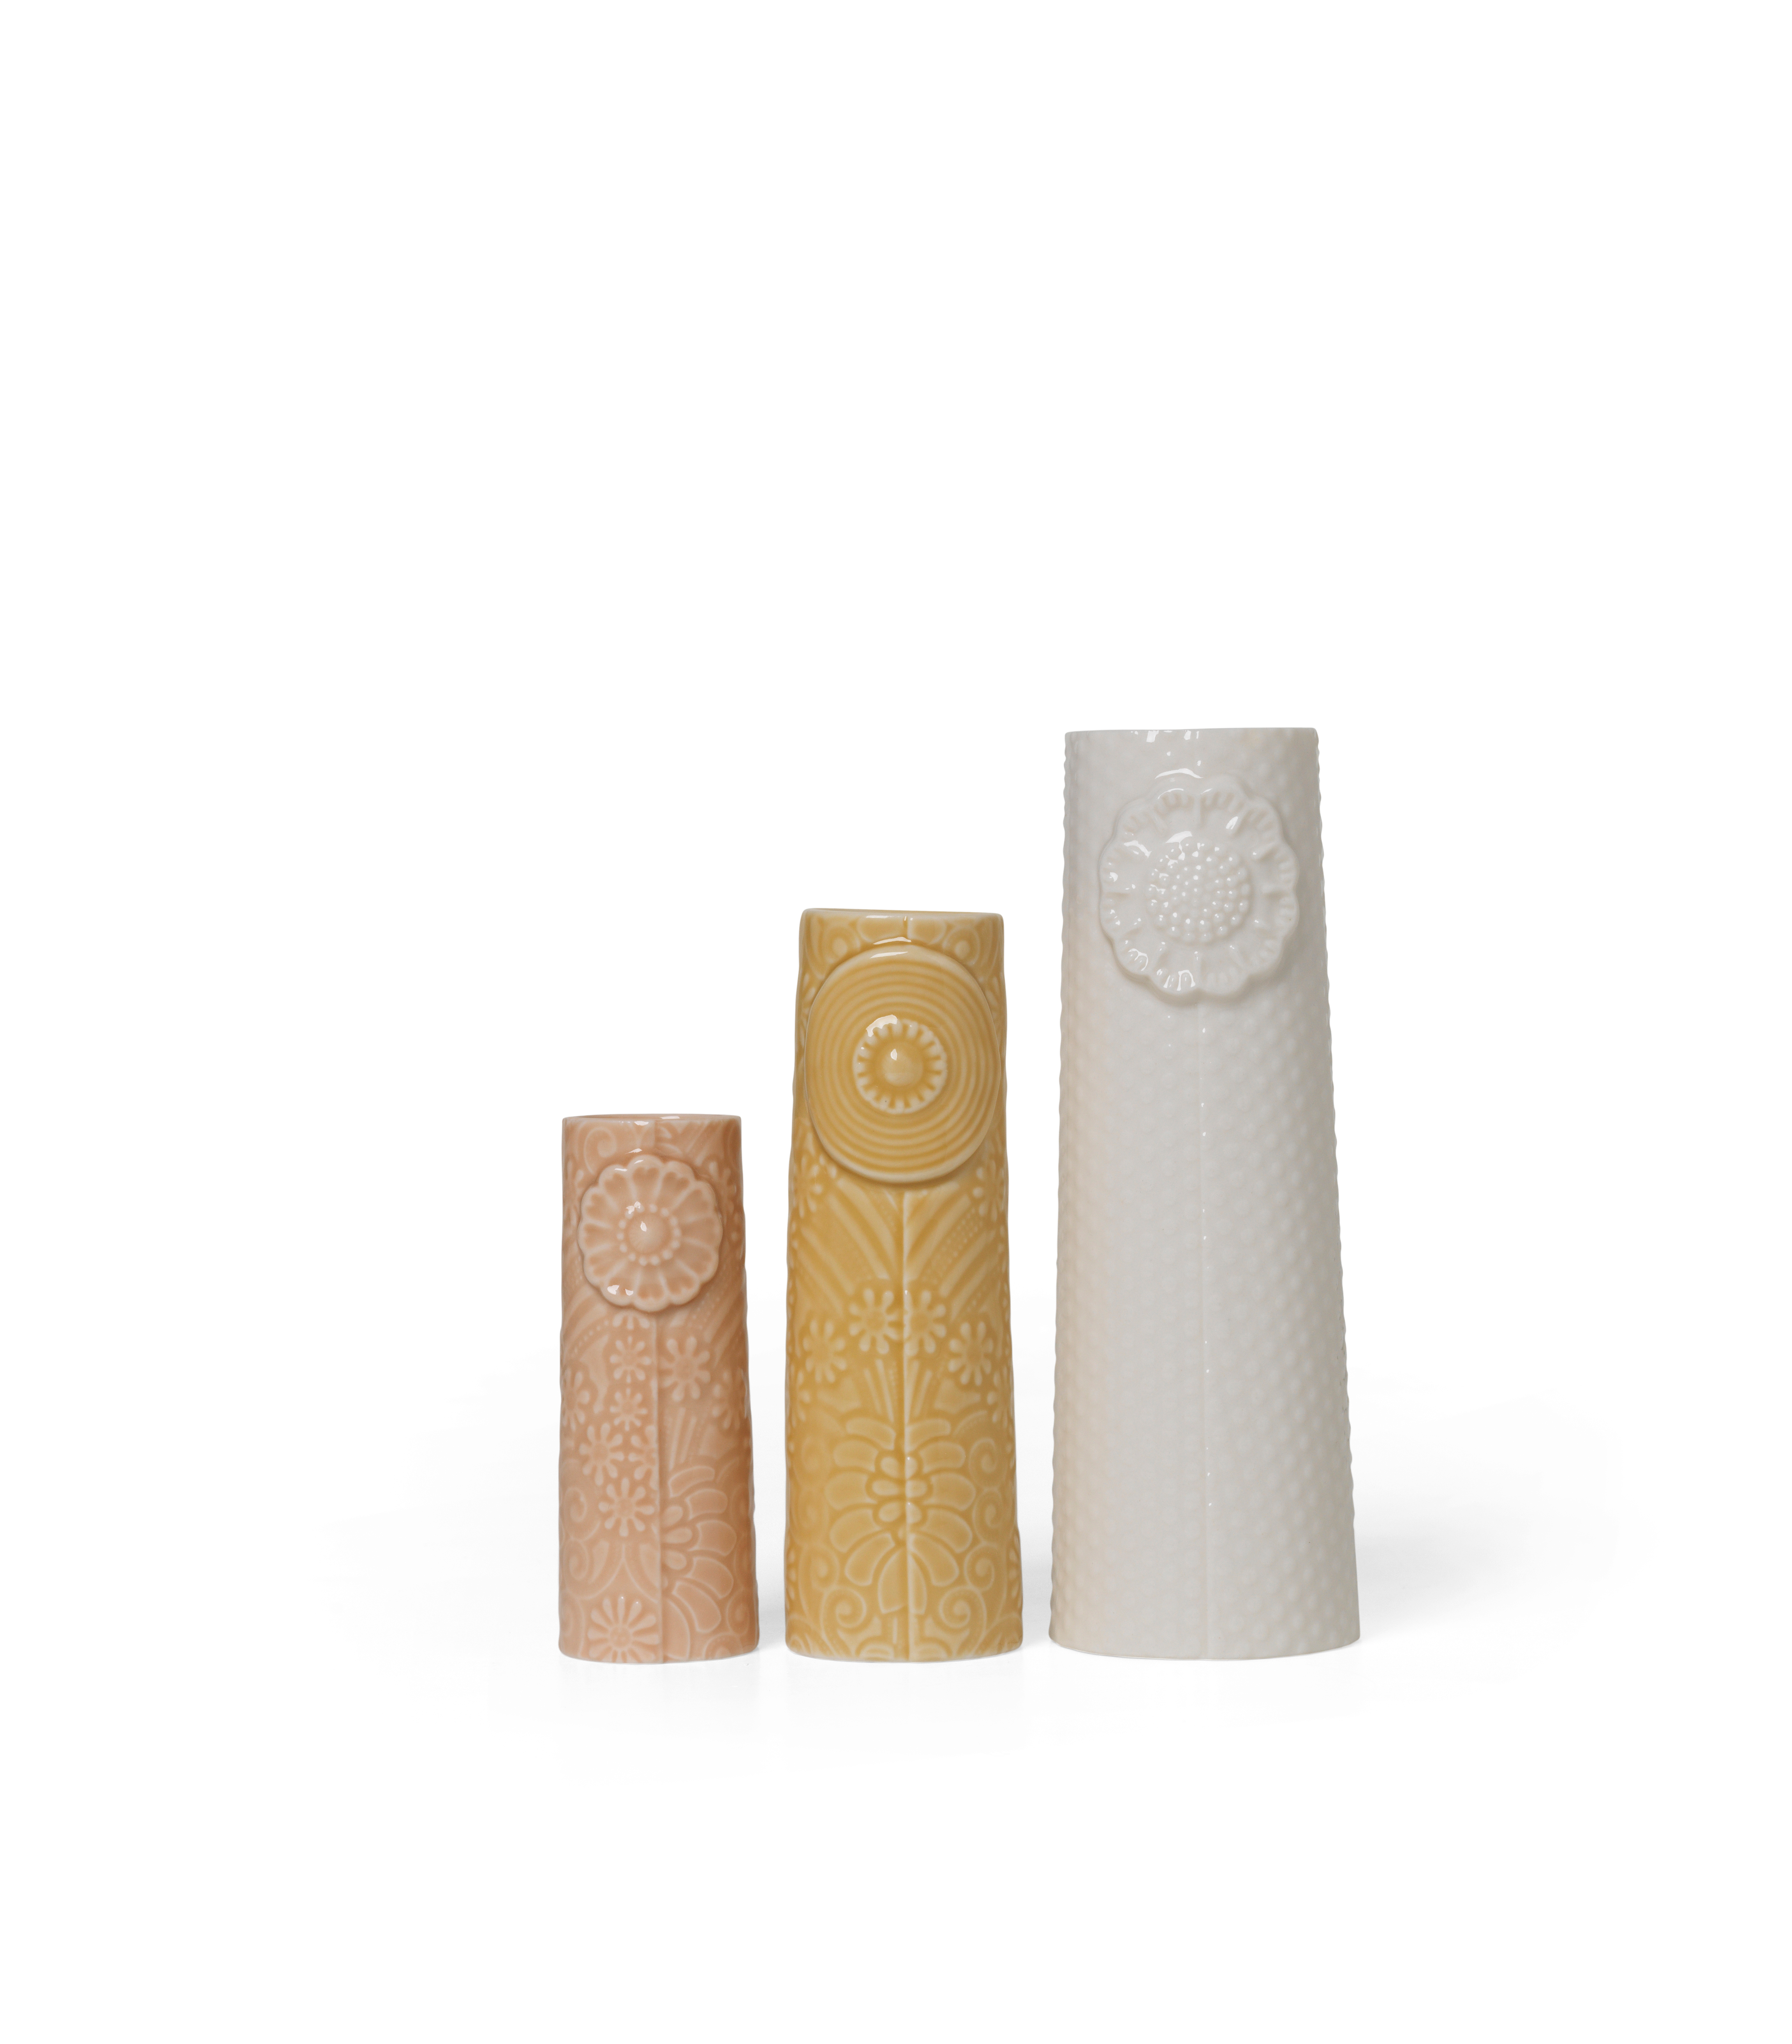 DOTTIR Flocks vasesæt, ocean, 3 stk